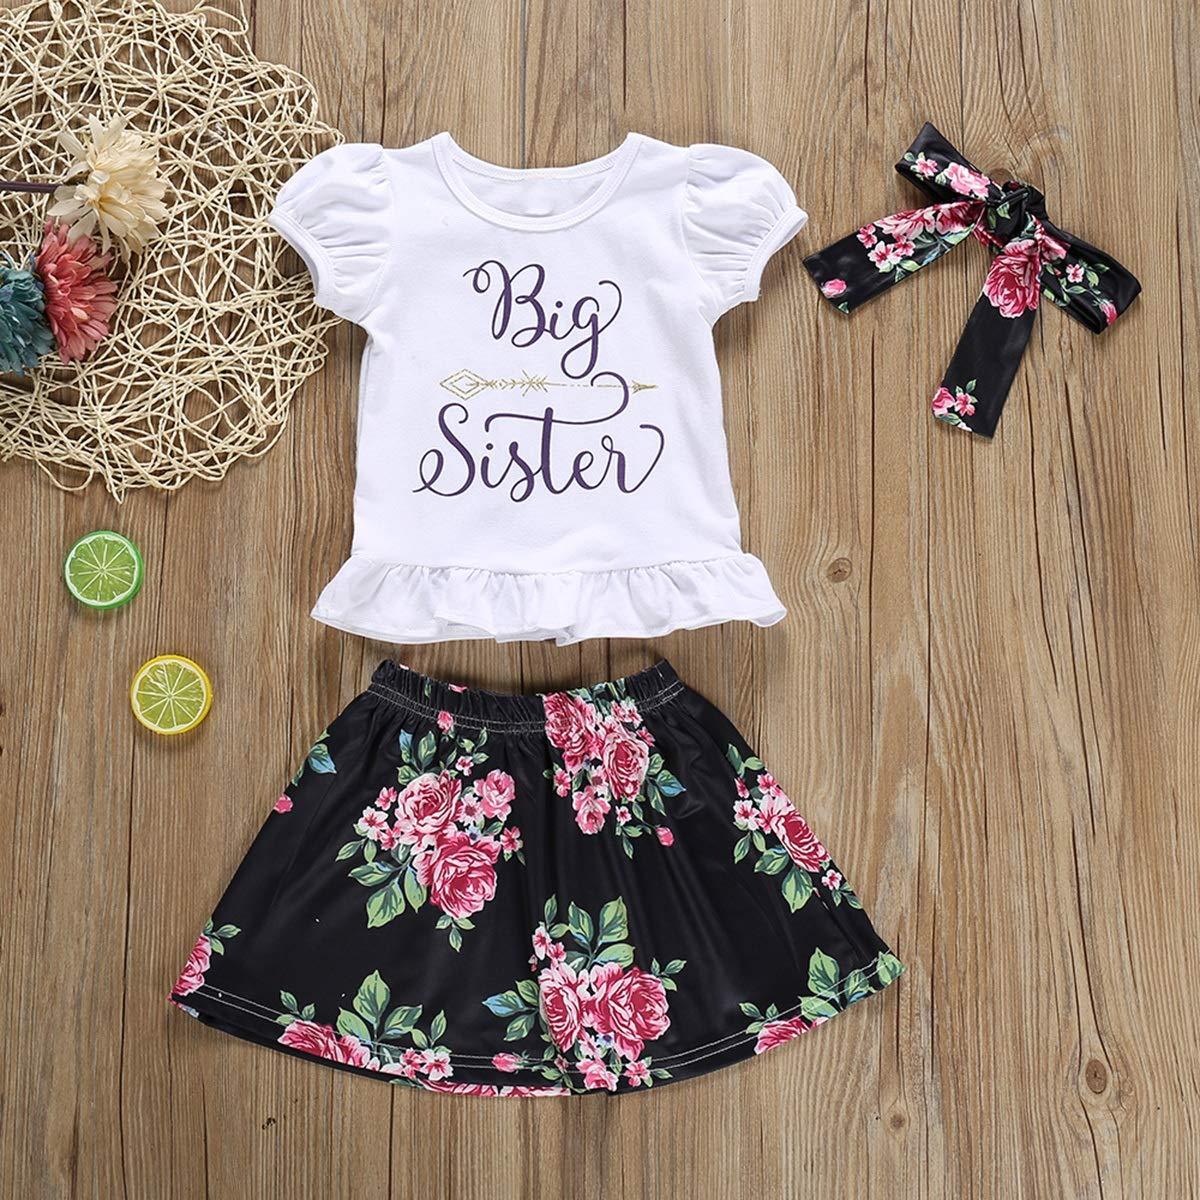 Ensemble de Jupe /à Fleurs b/éb/é Fille Petite Grande Soeur Puseky T-Shirt /à Manches Courtes